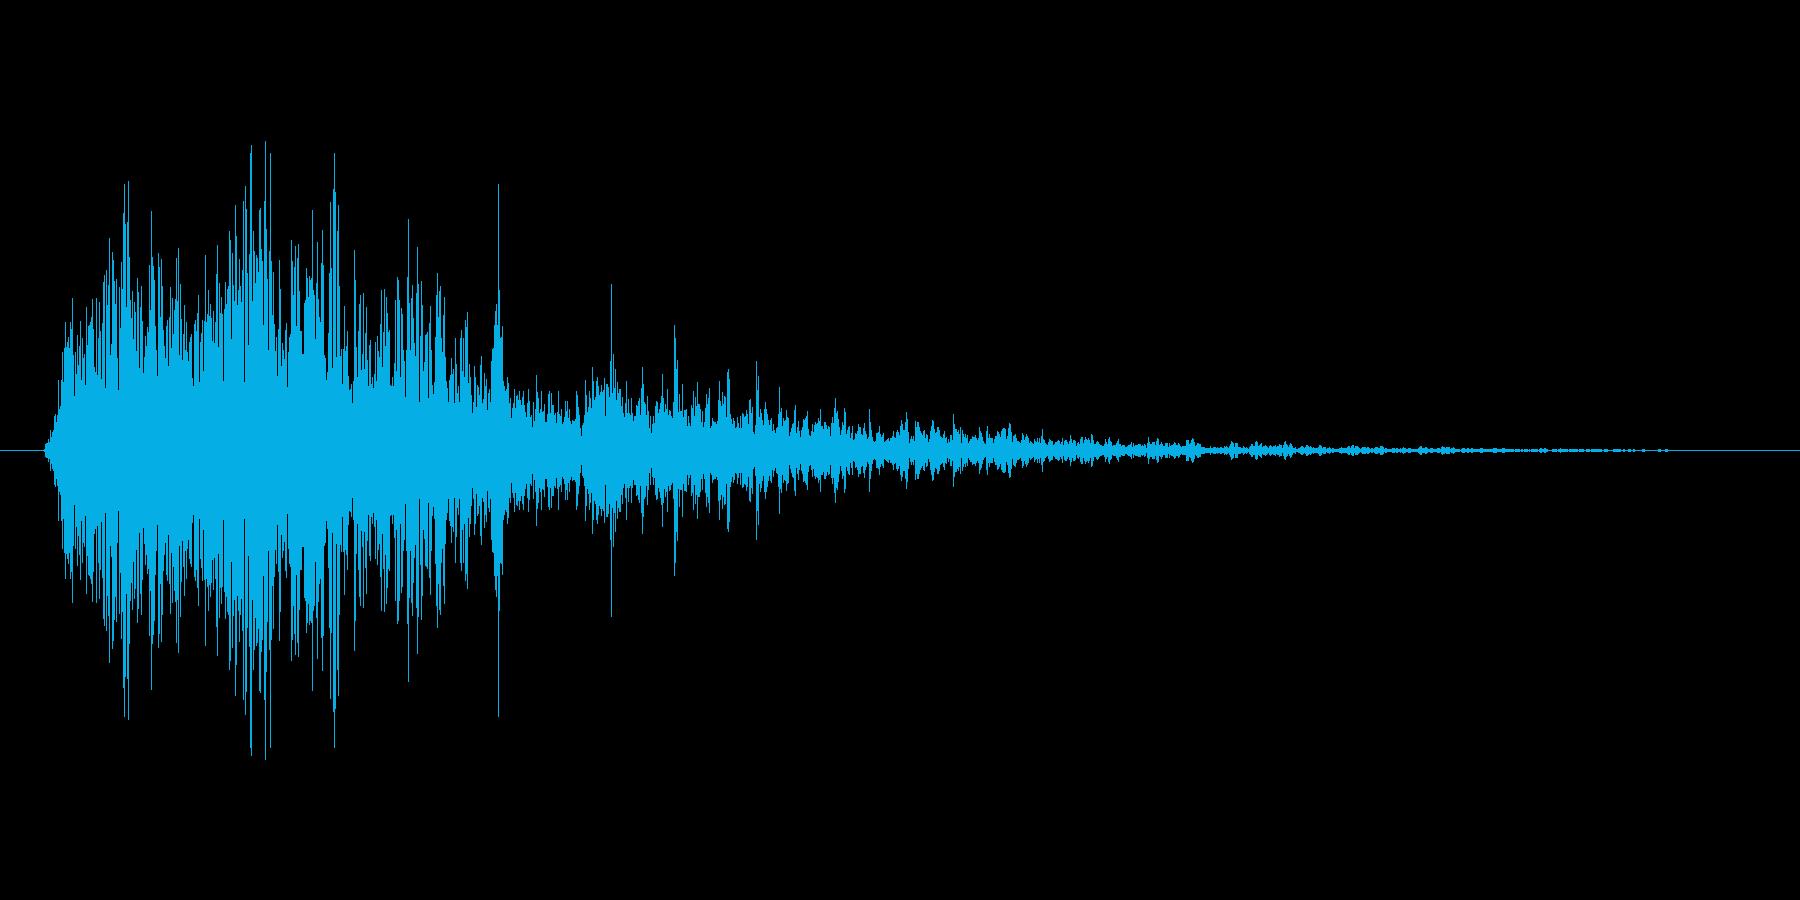 燃え盛る炎・火炎系の魔法(低レベル)mの再生済みの波形